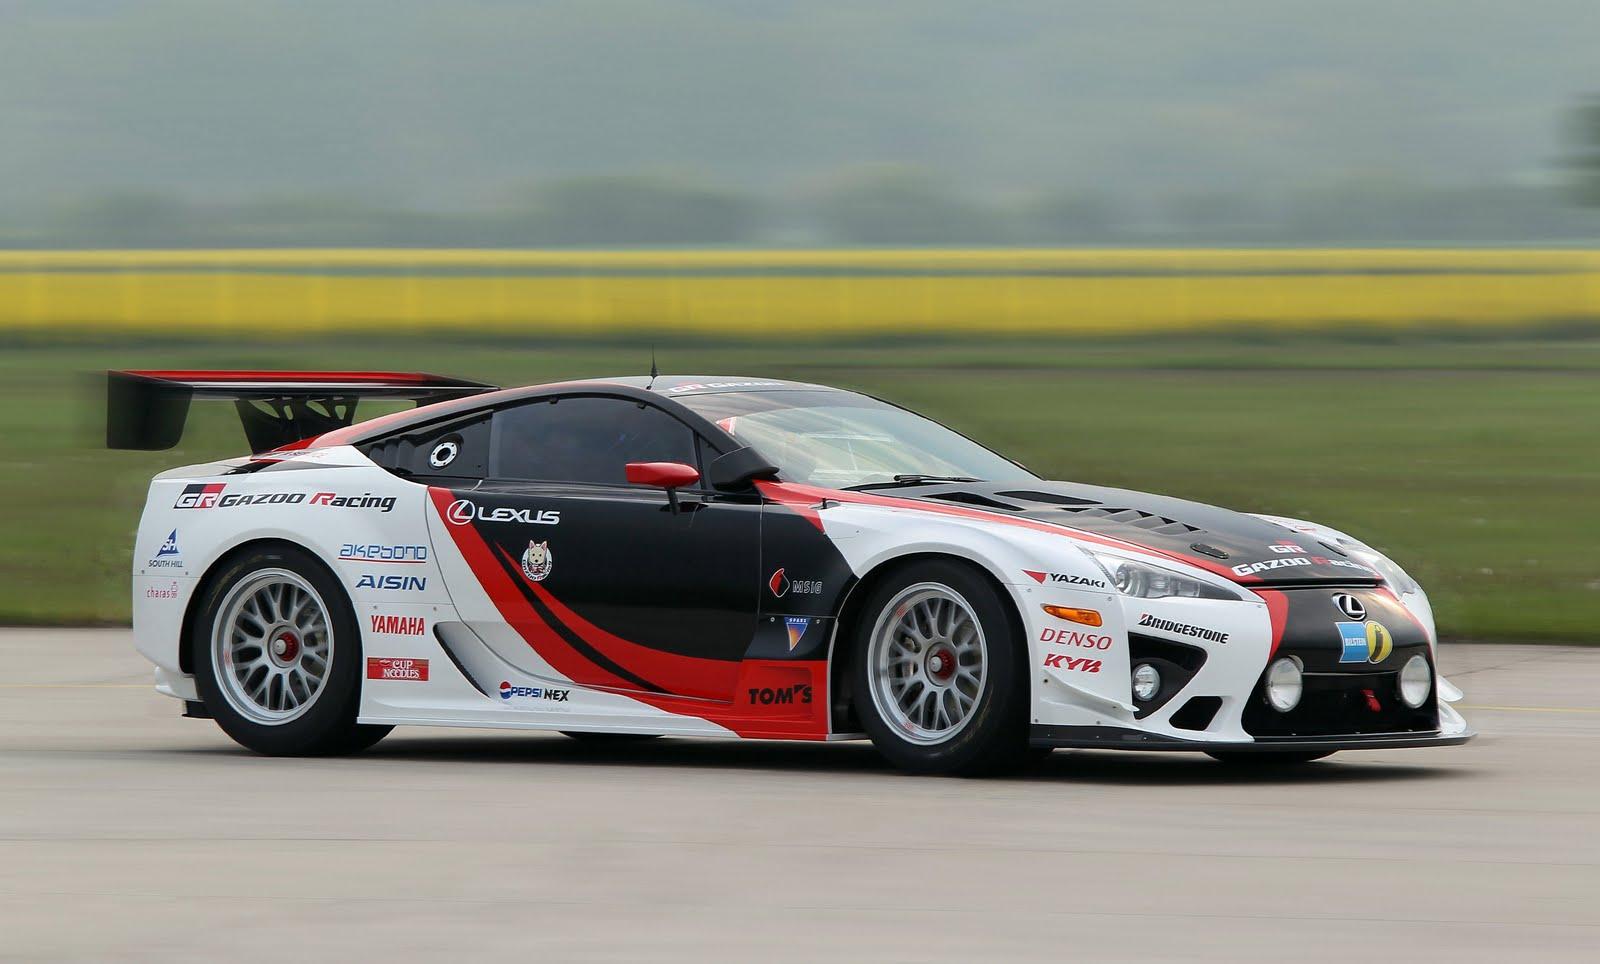 http://3.bp.blogspot.com/-LUHvSiVKo74/TcOS4DcaAfI/AAAAAAAABBg/gCPLoxNOfvE/s1600/lexus-lfa-racing-05.jpg